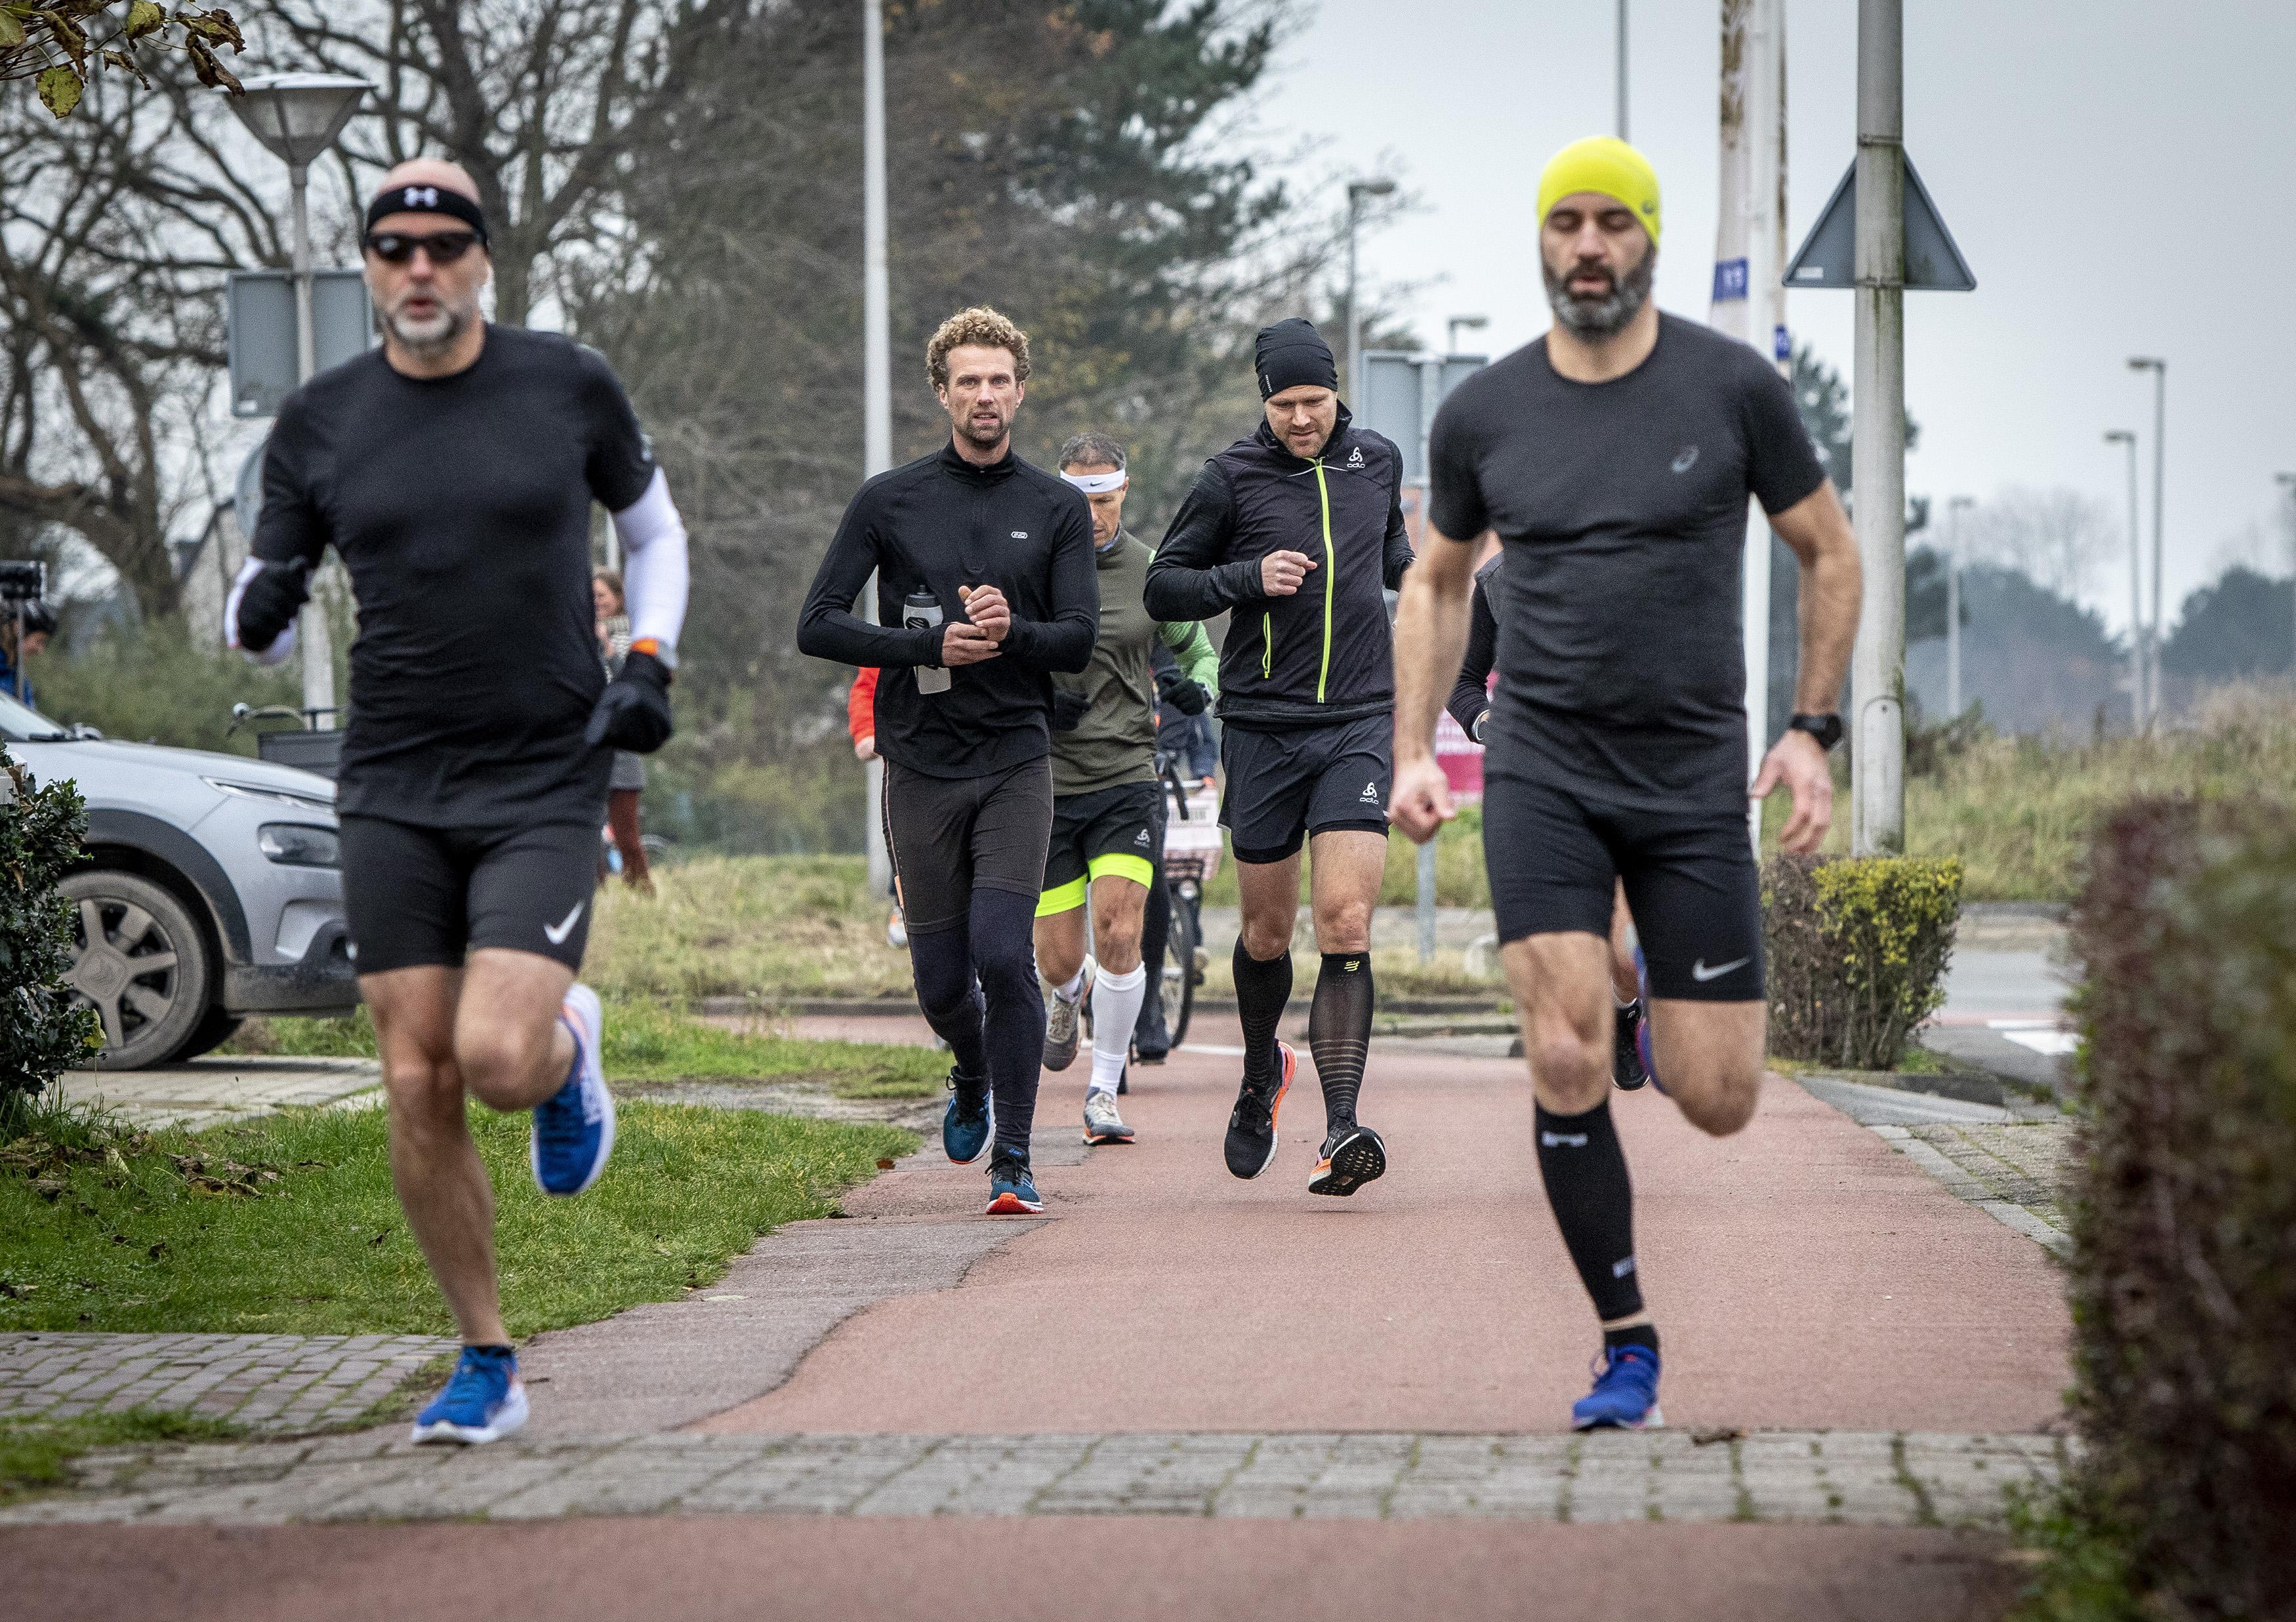 Zes Haarlemse schoolvrienden lopen de Coronathon: 'Het was een mooi lichtpuntje om naartoe te werken'